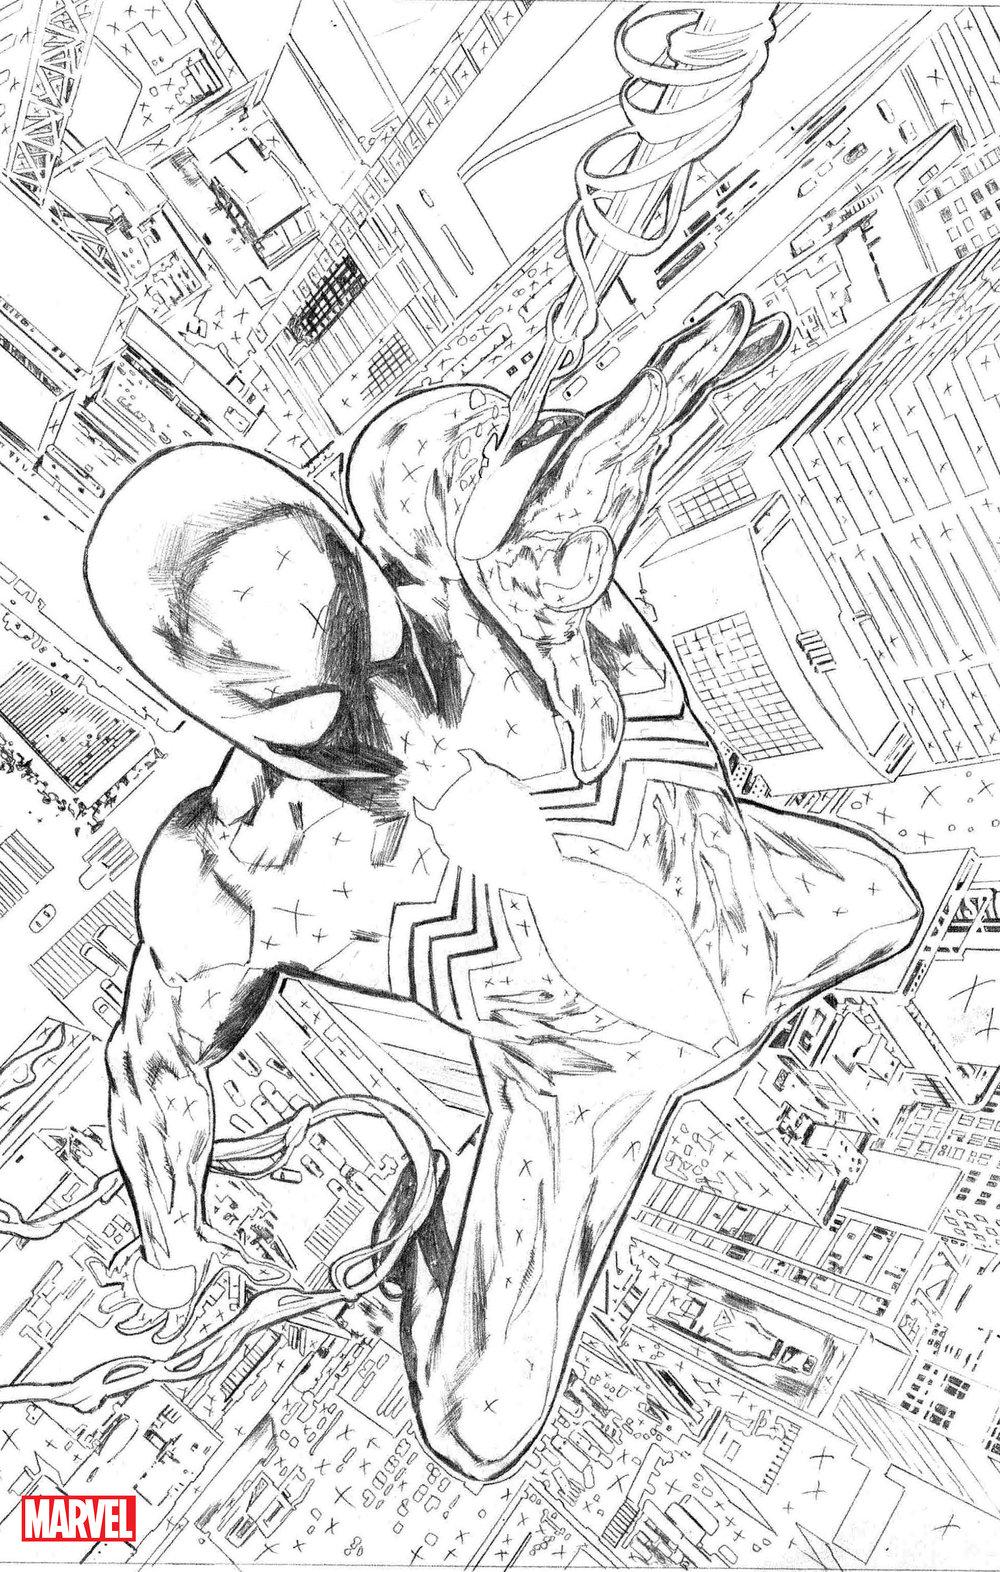 Symbiote-Spider-Man-interior-1.jpeg